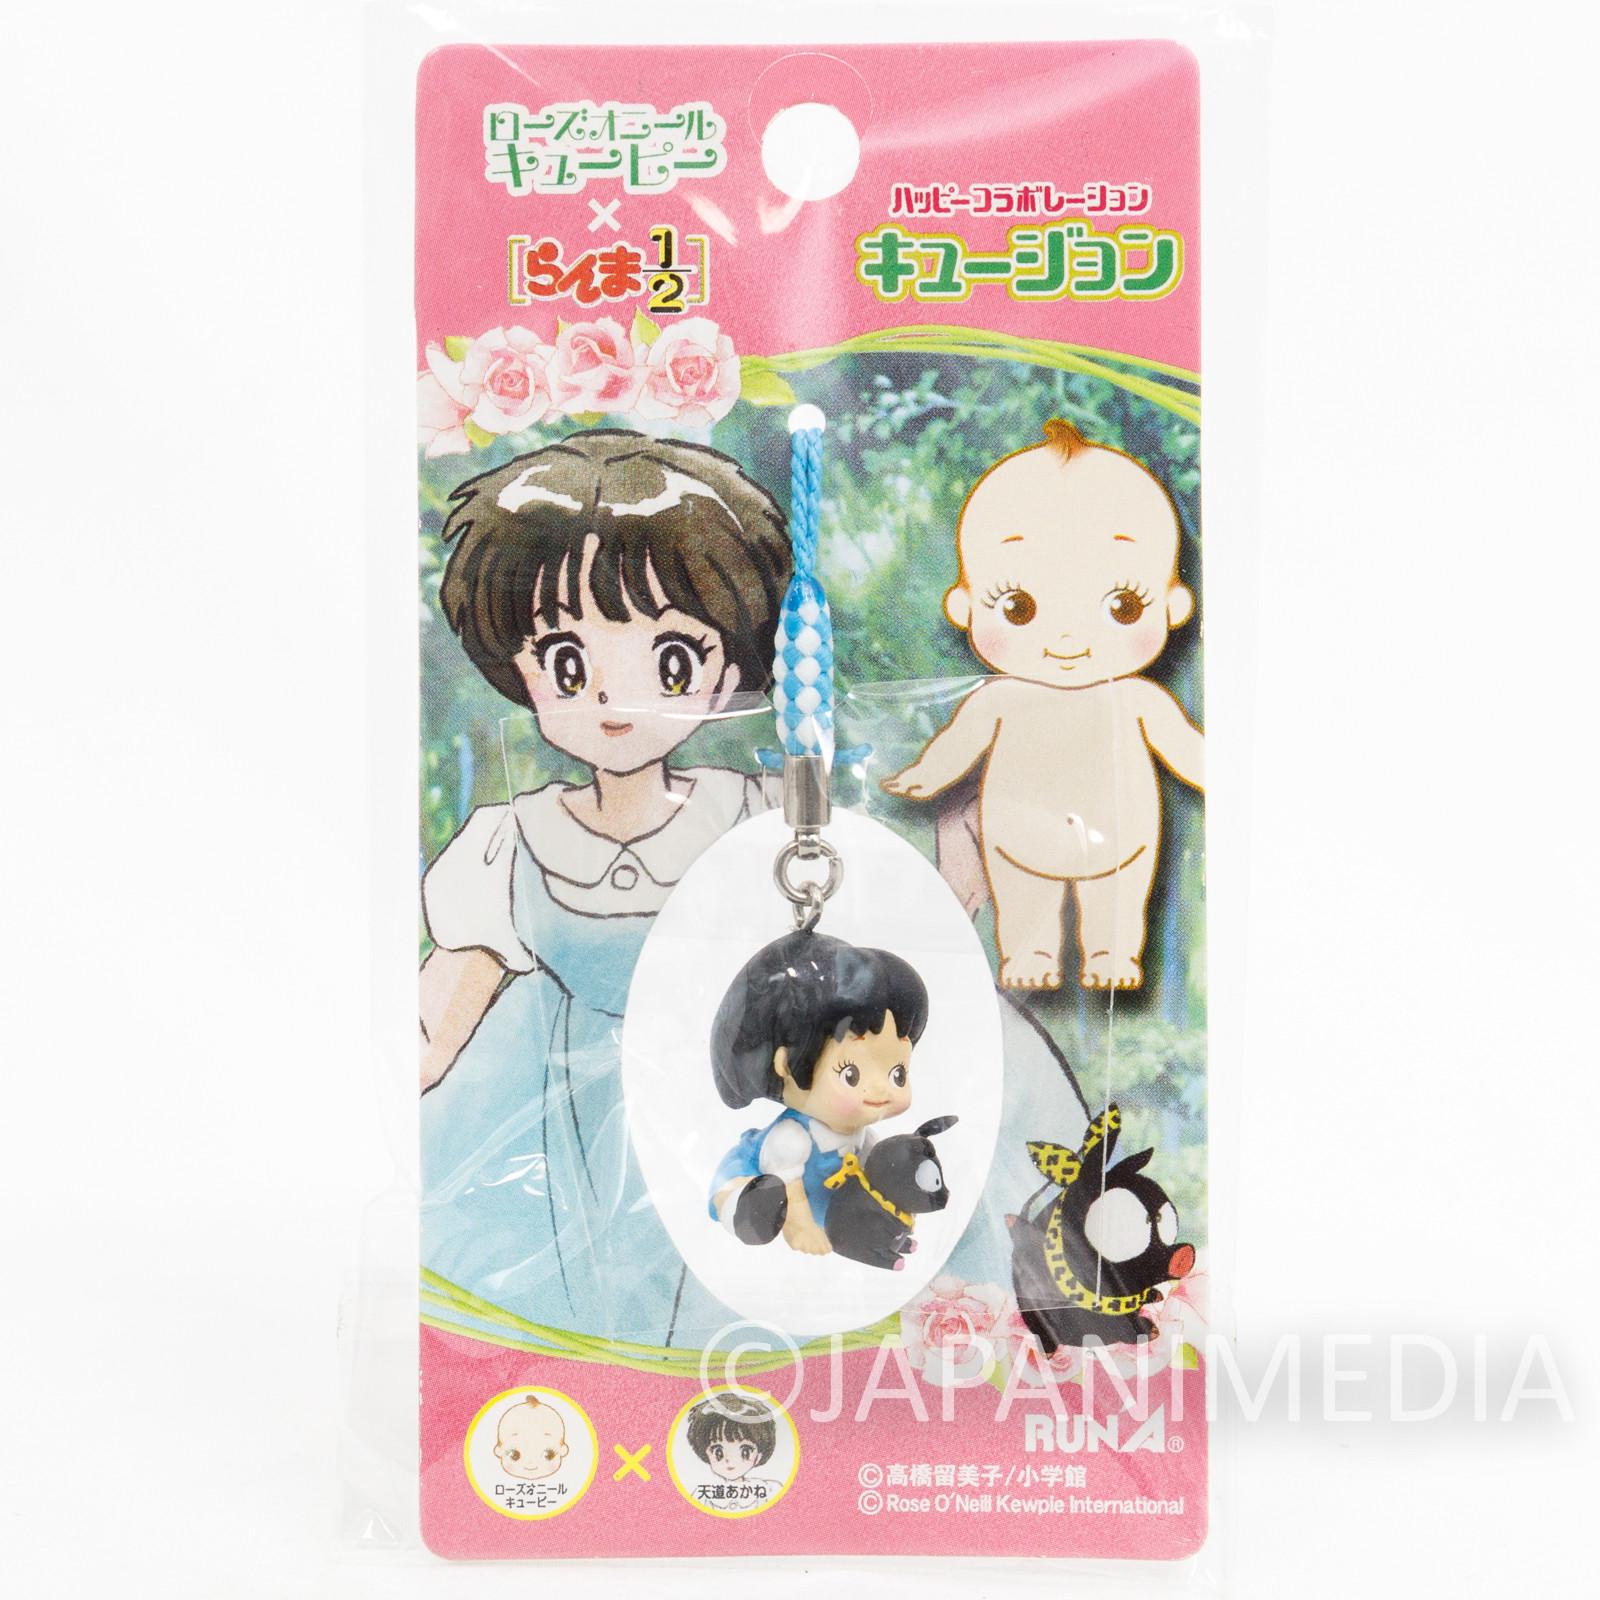 Ranma 1/2 Akane Tendo P-chan Rose O'neill Kewpie Kewsion Strap JAPAN ANIME